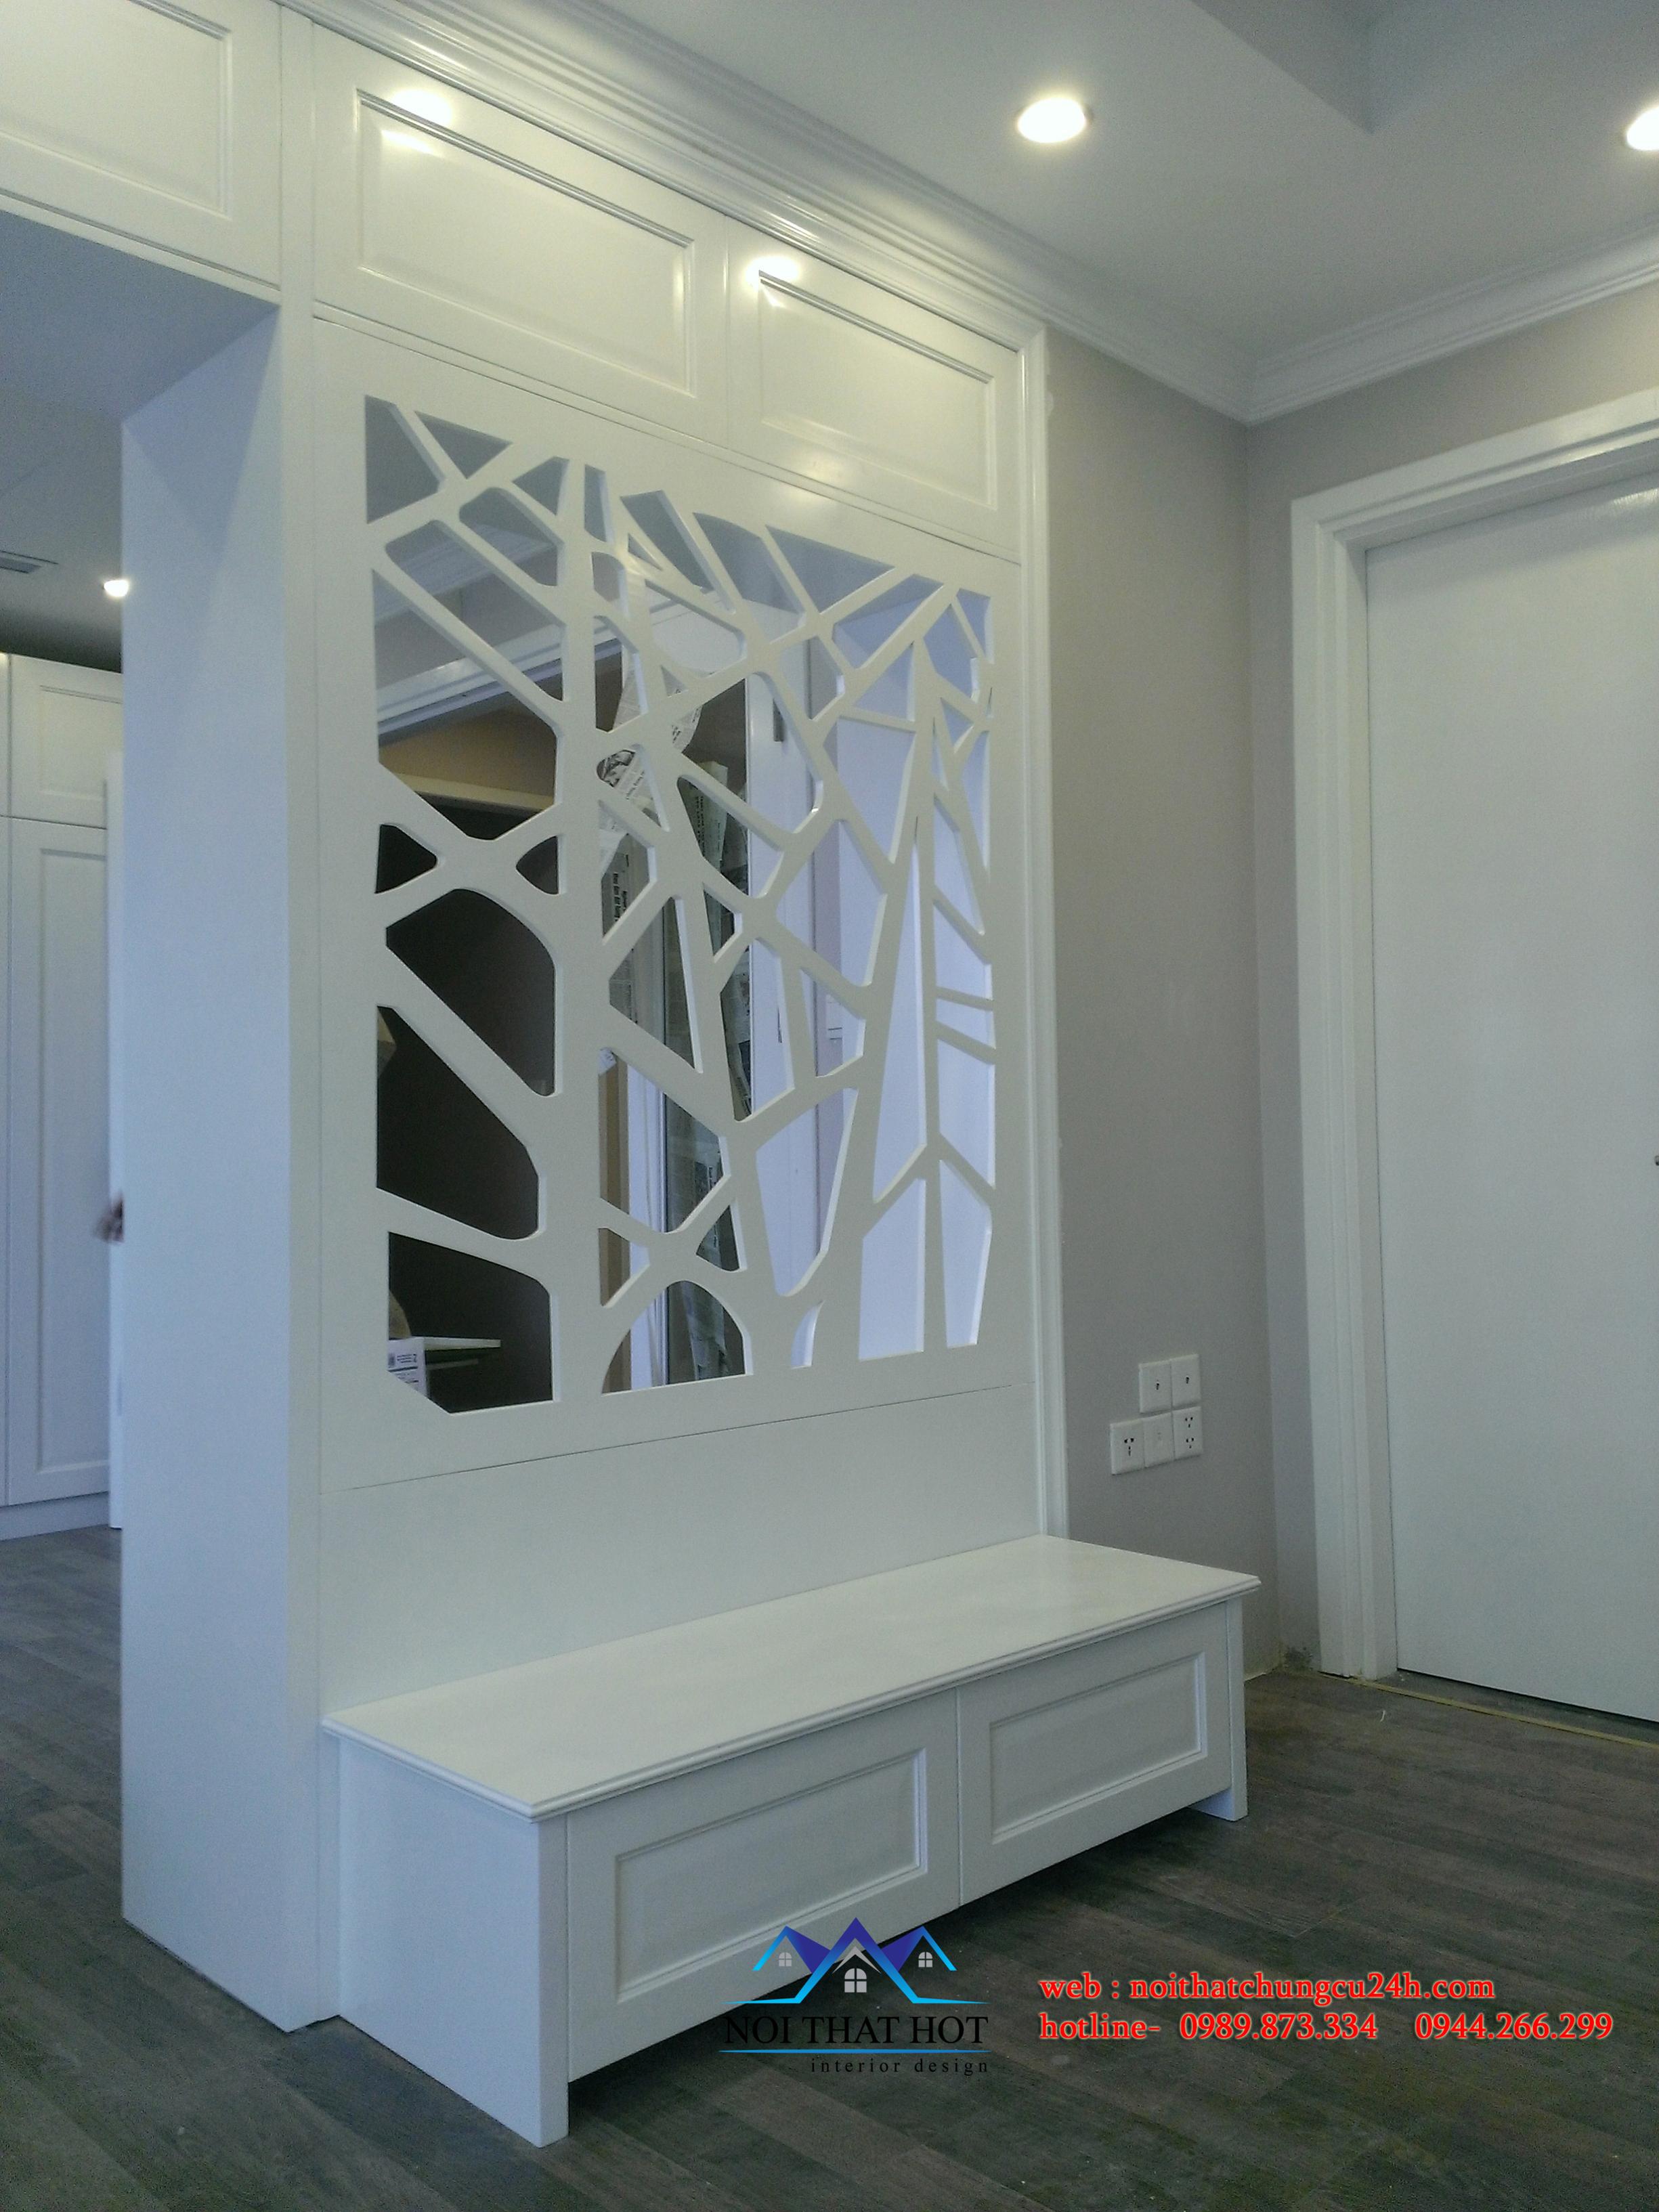 Thi công nội thất chung cư, thiết kế chung cư cao cấp tại hà nội